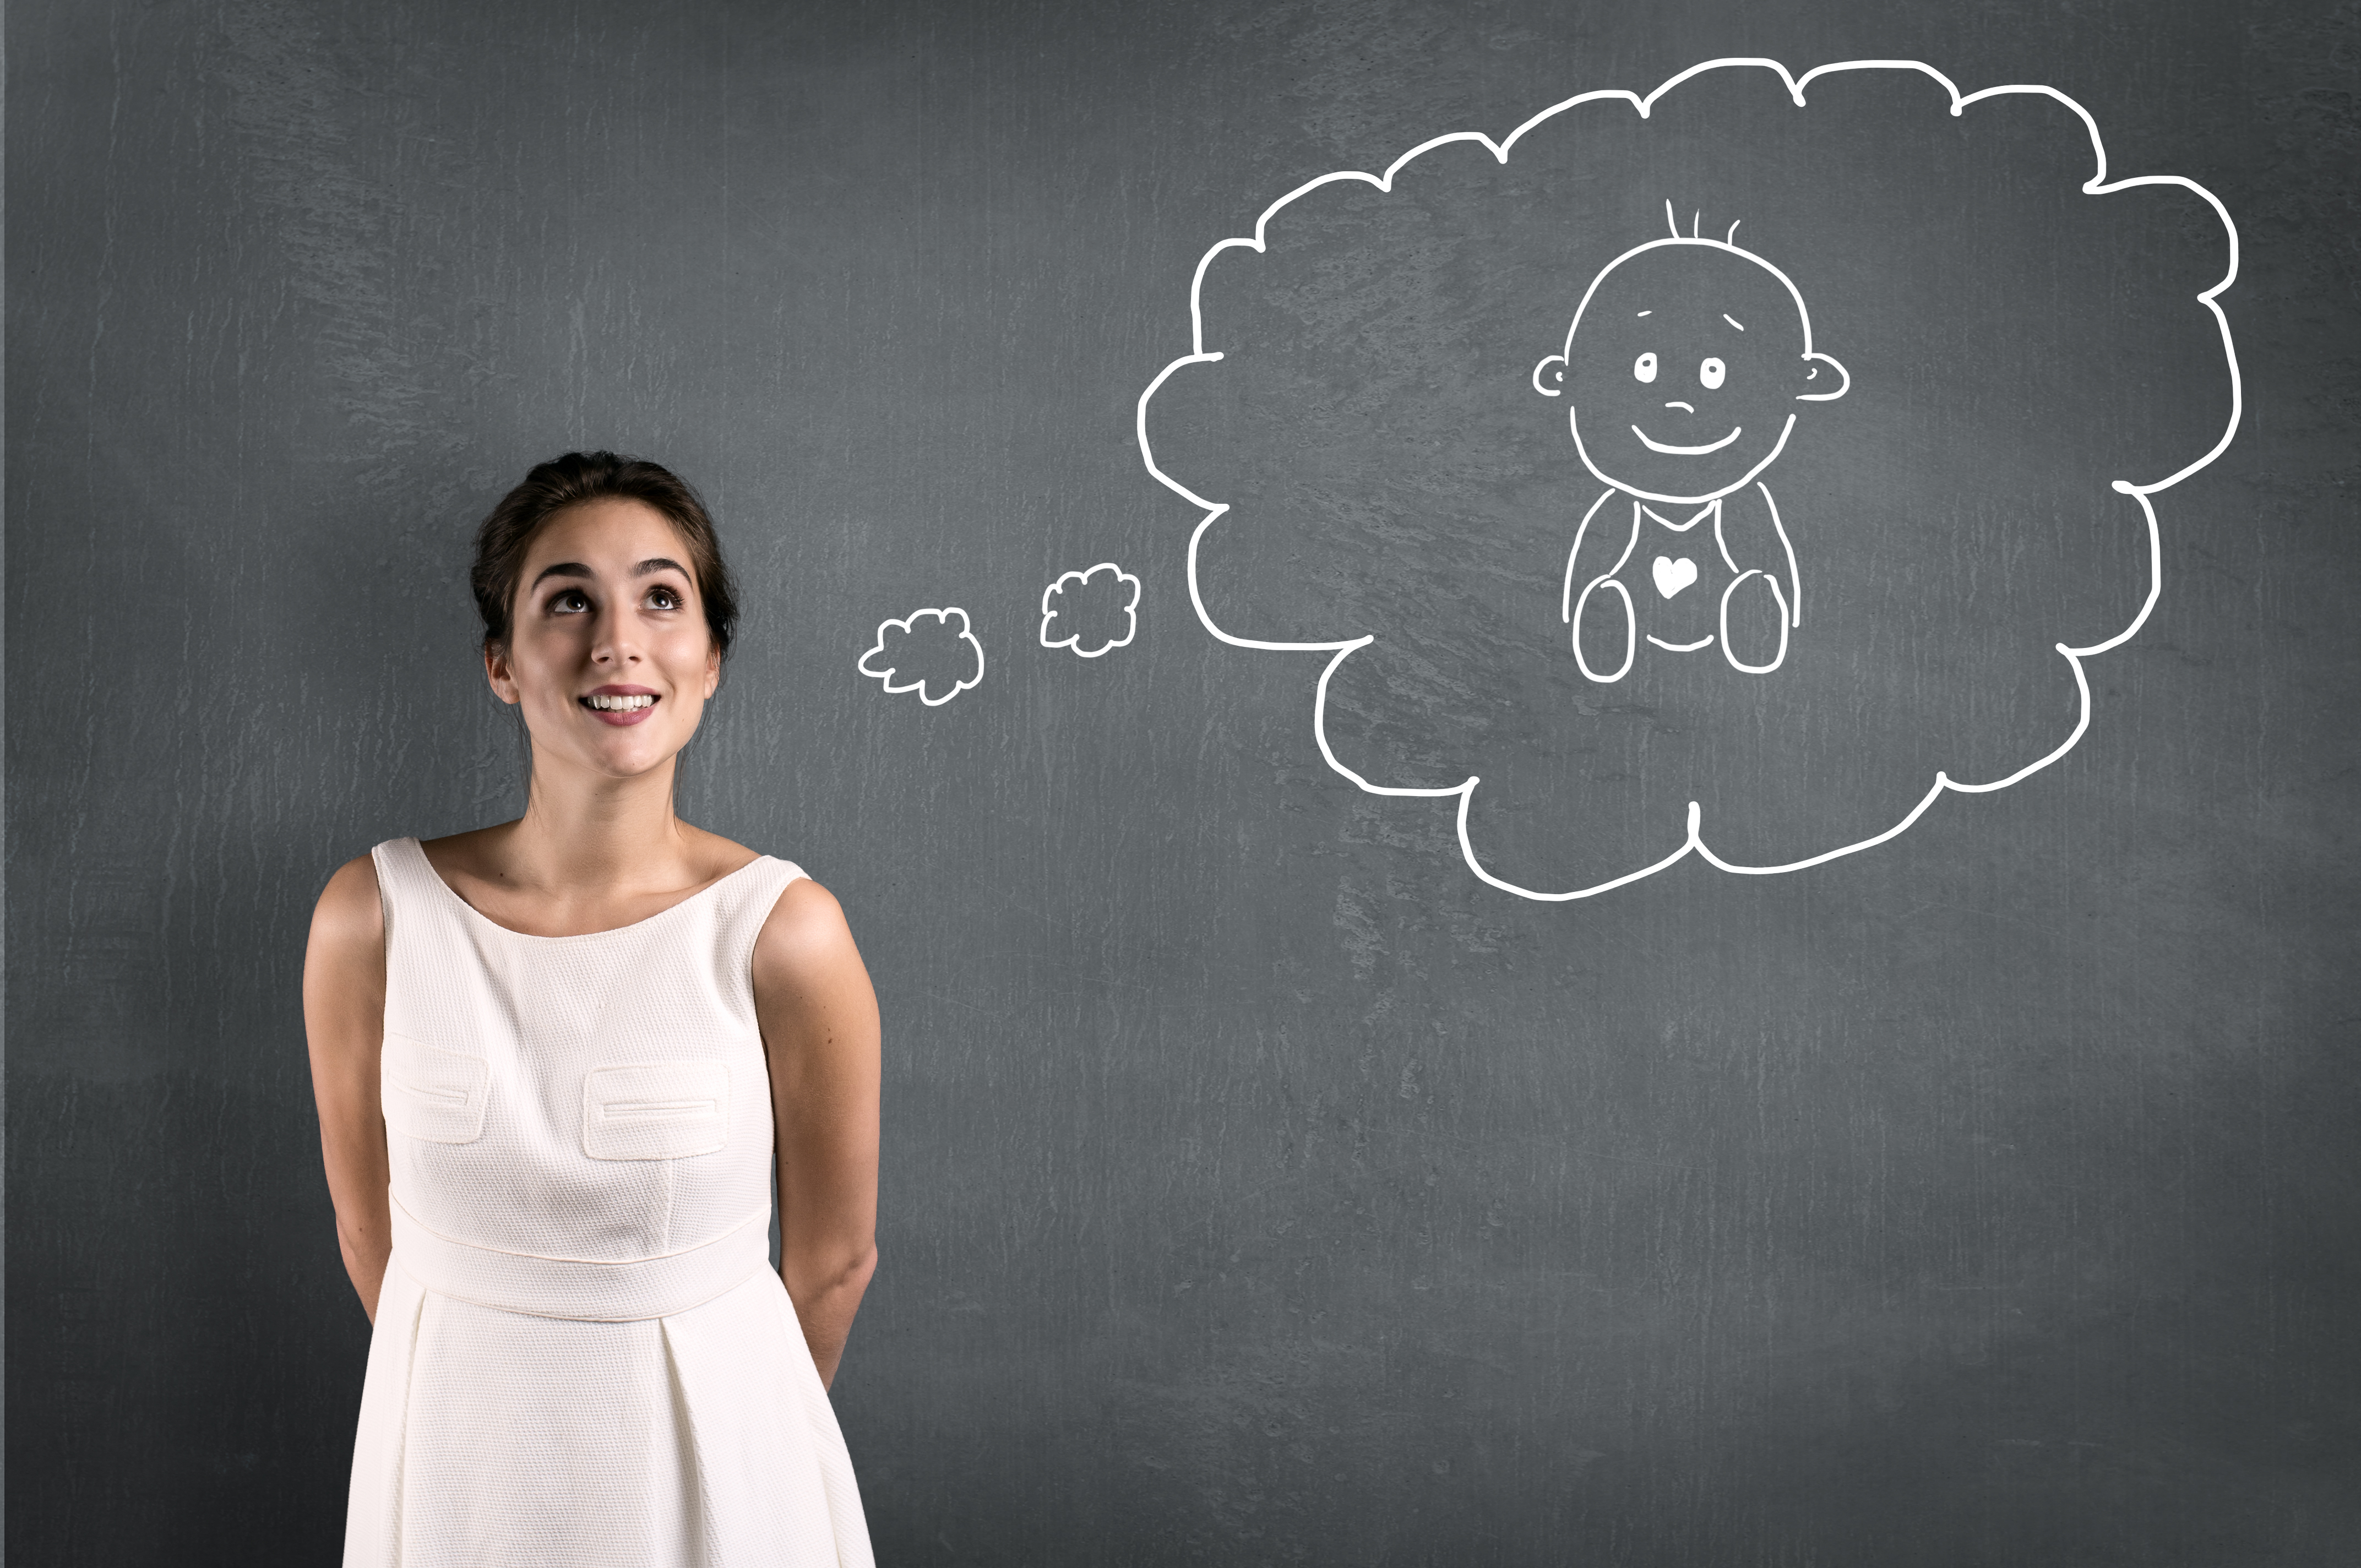 Планирование беременности после преждевременных родов. Видео и стенограмма прямого эфира с акушером-гинекологом Екатериной Рейснер